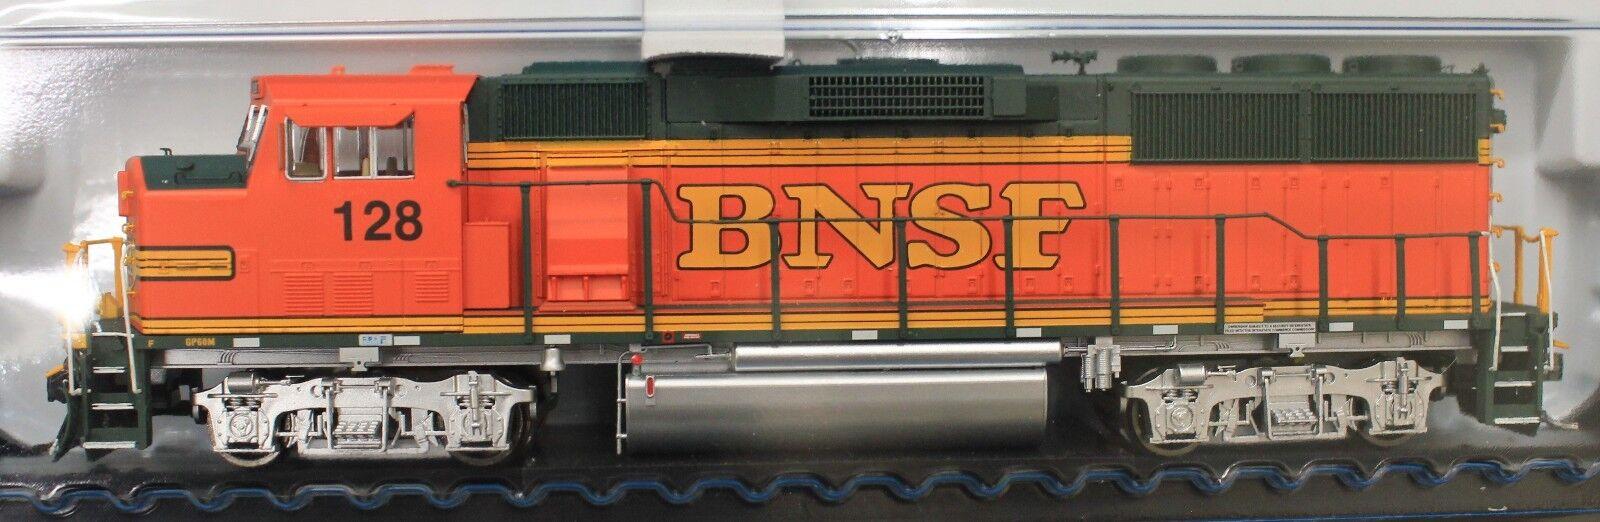 Escala HO-Fox Valley Models 20186 BNSF Heritage 2 GP60M Loco  128 Dcc Listo